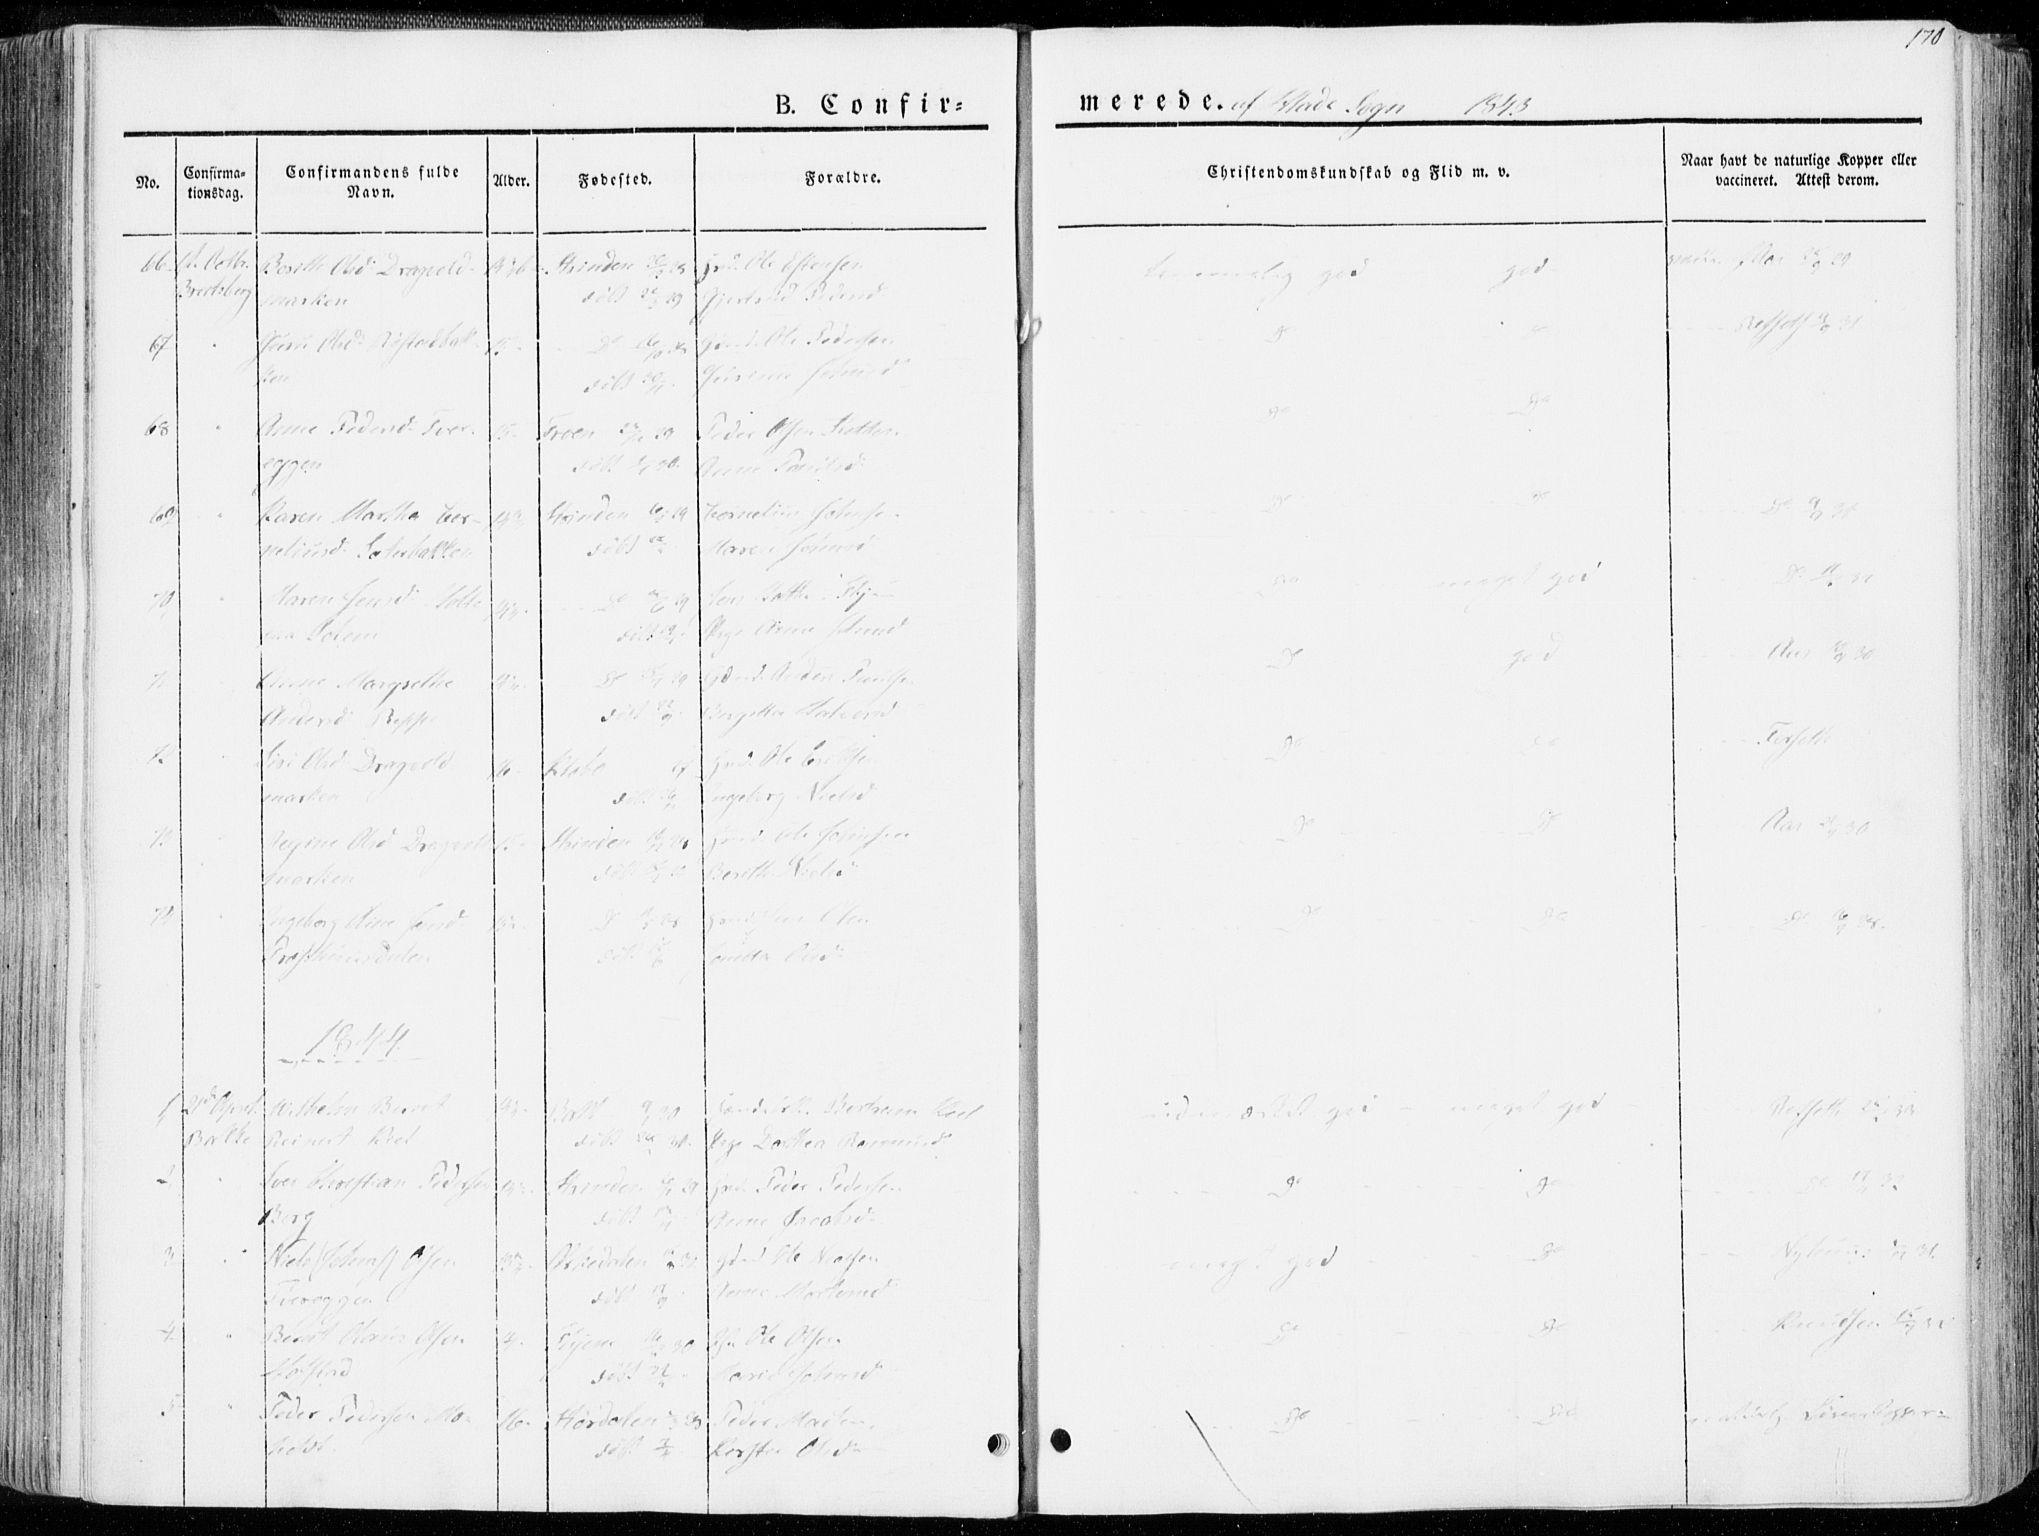 SAT, Ministerialprotokoller, klokkerbøker og fødselsregistre - Sør-Trøndelag, 606/L0290: Ministerialbok nr. 606A05, 1841-1847, s. 170